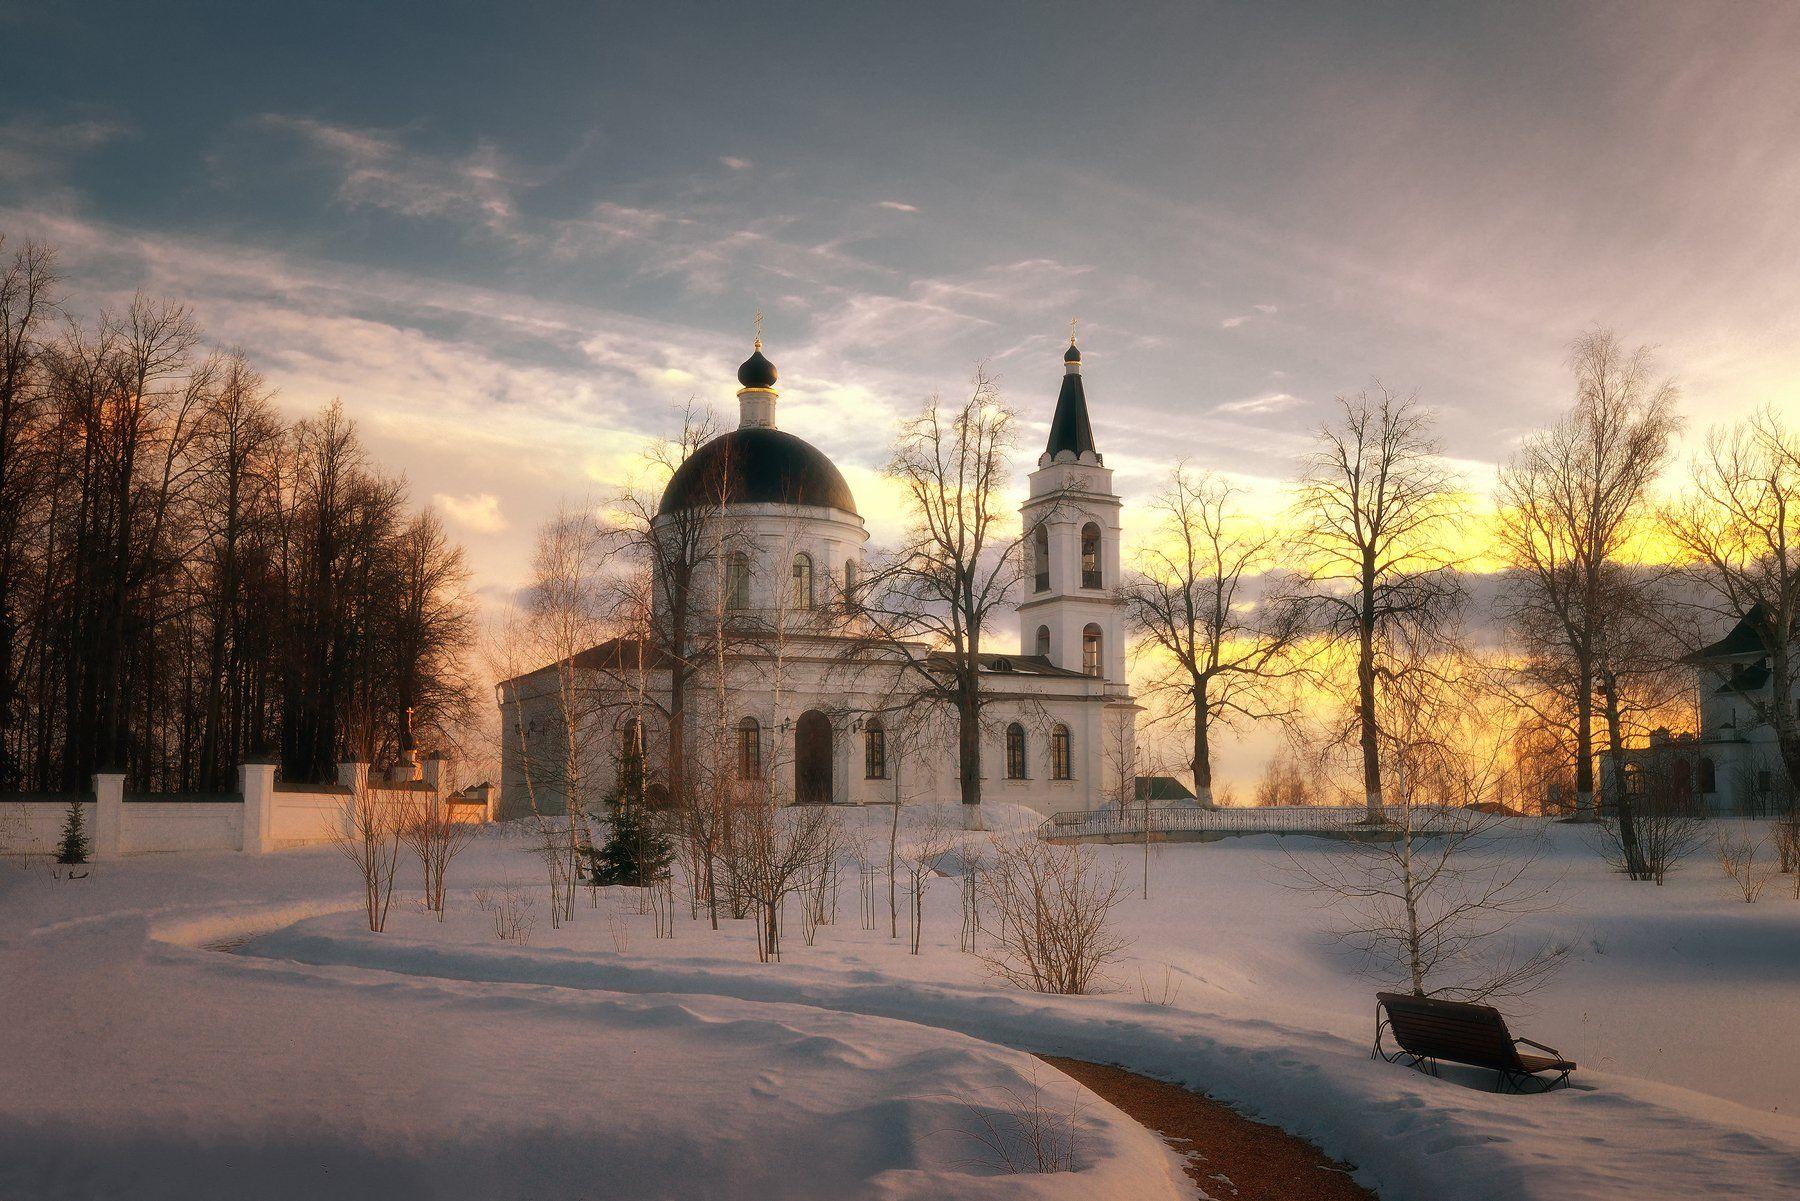 подмосковье, храм, зима, вечер, закат, церковь, Никонов Алексей